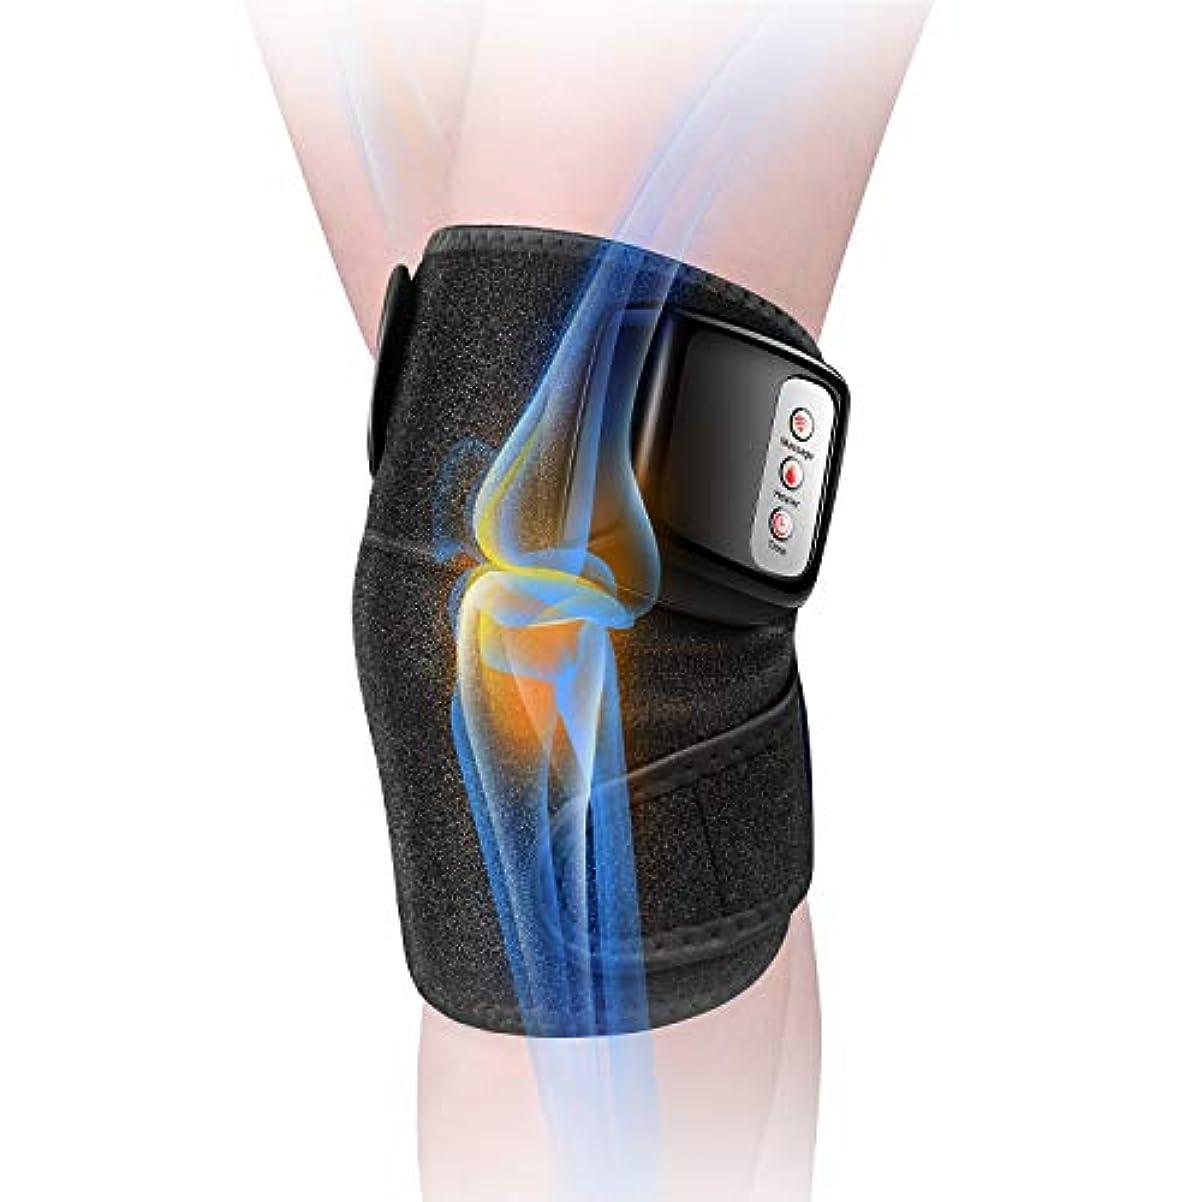 強い輝度遺体安置所マッサージ器 フットマッサージャー 膝マッサージャー ひざ 太もも 腕 肩 肘 ヒーター付き 振動 マッサージ機 レッグマッサージャー 通気性 赤外線療法 膝サポーター ストレス解消 温熱マッサージ